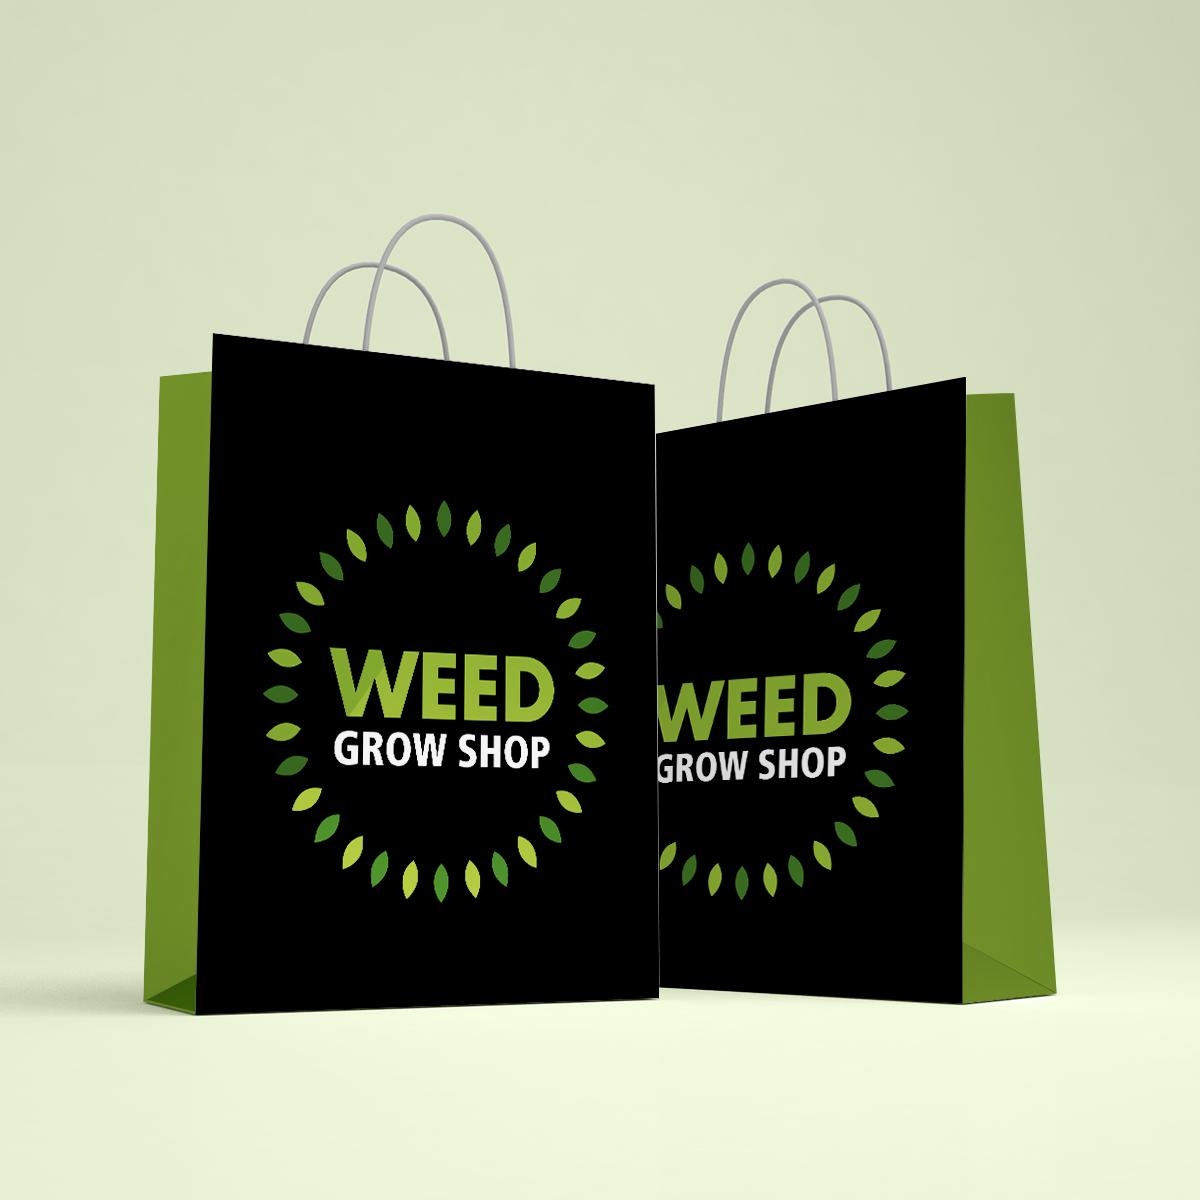 Weed - Grow shop / Argentina / Marca